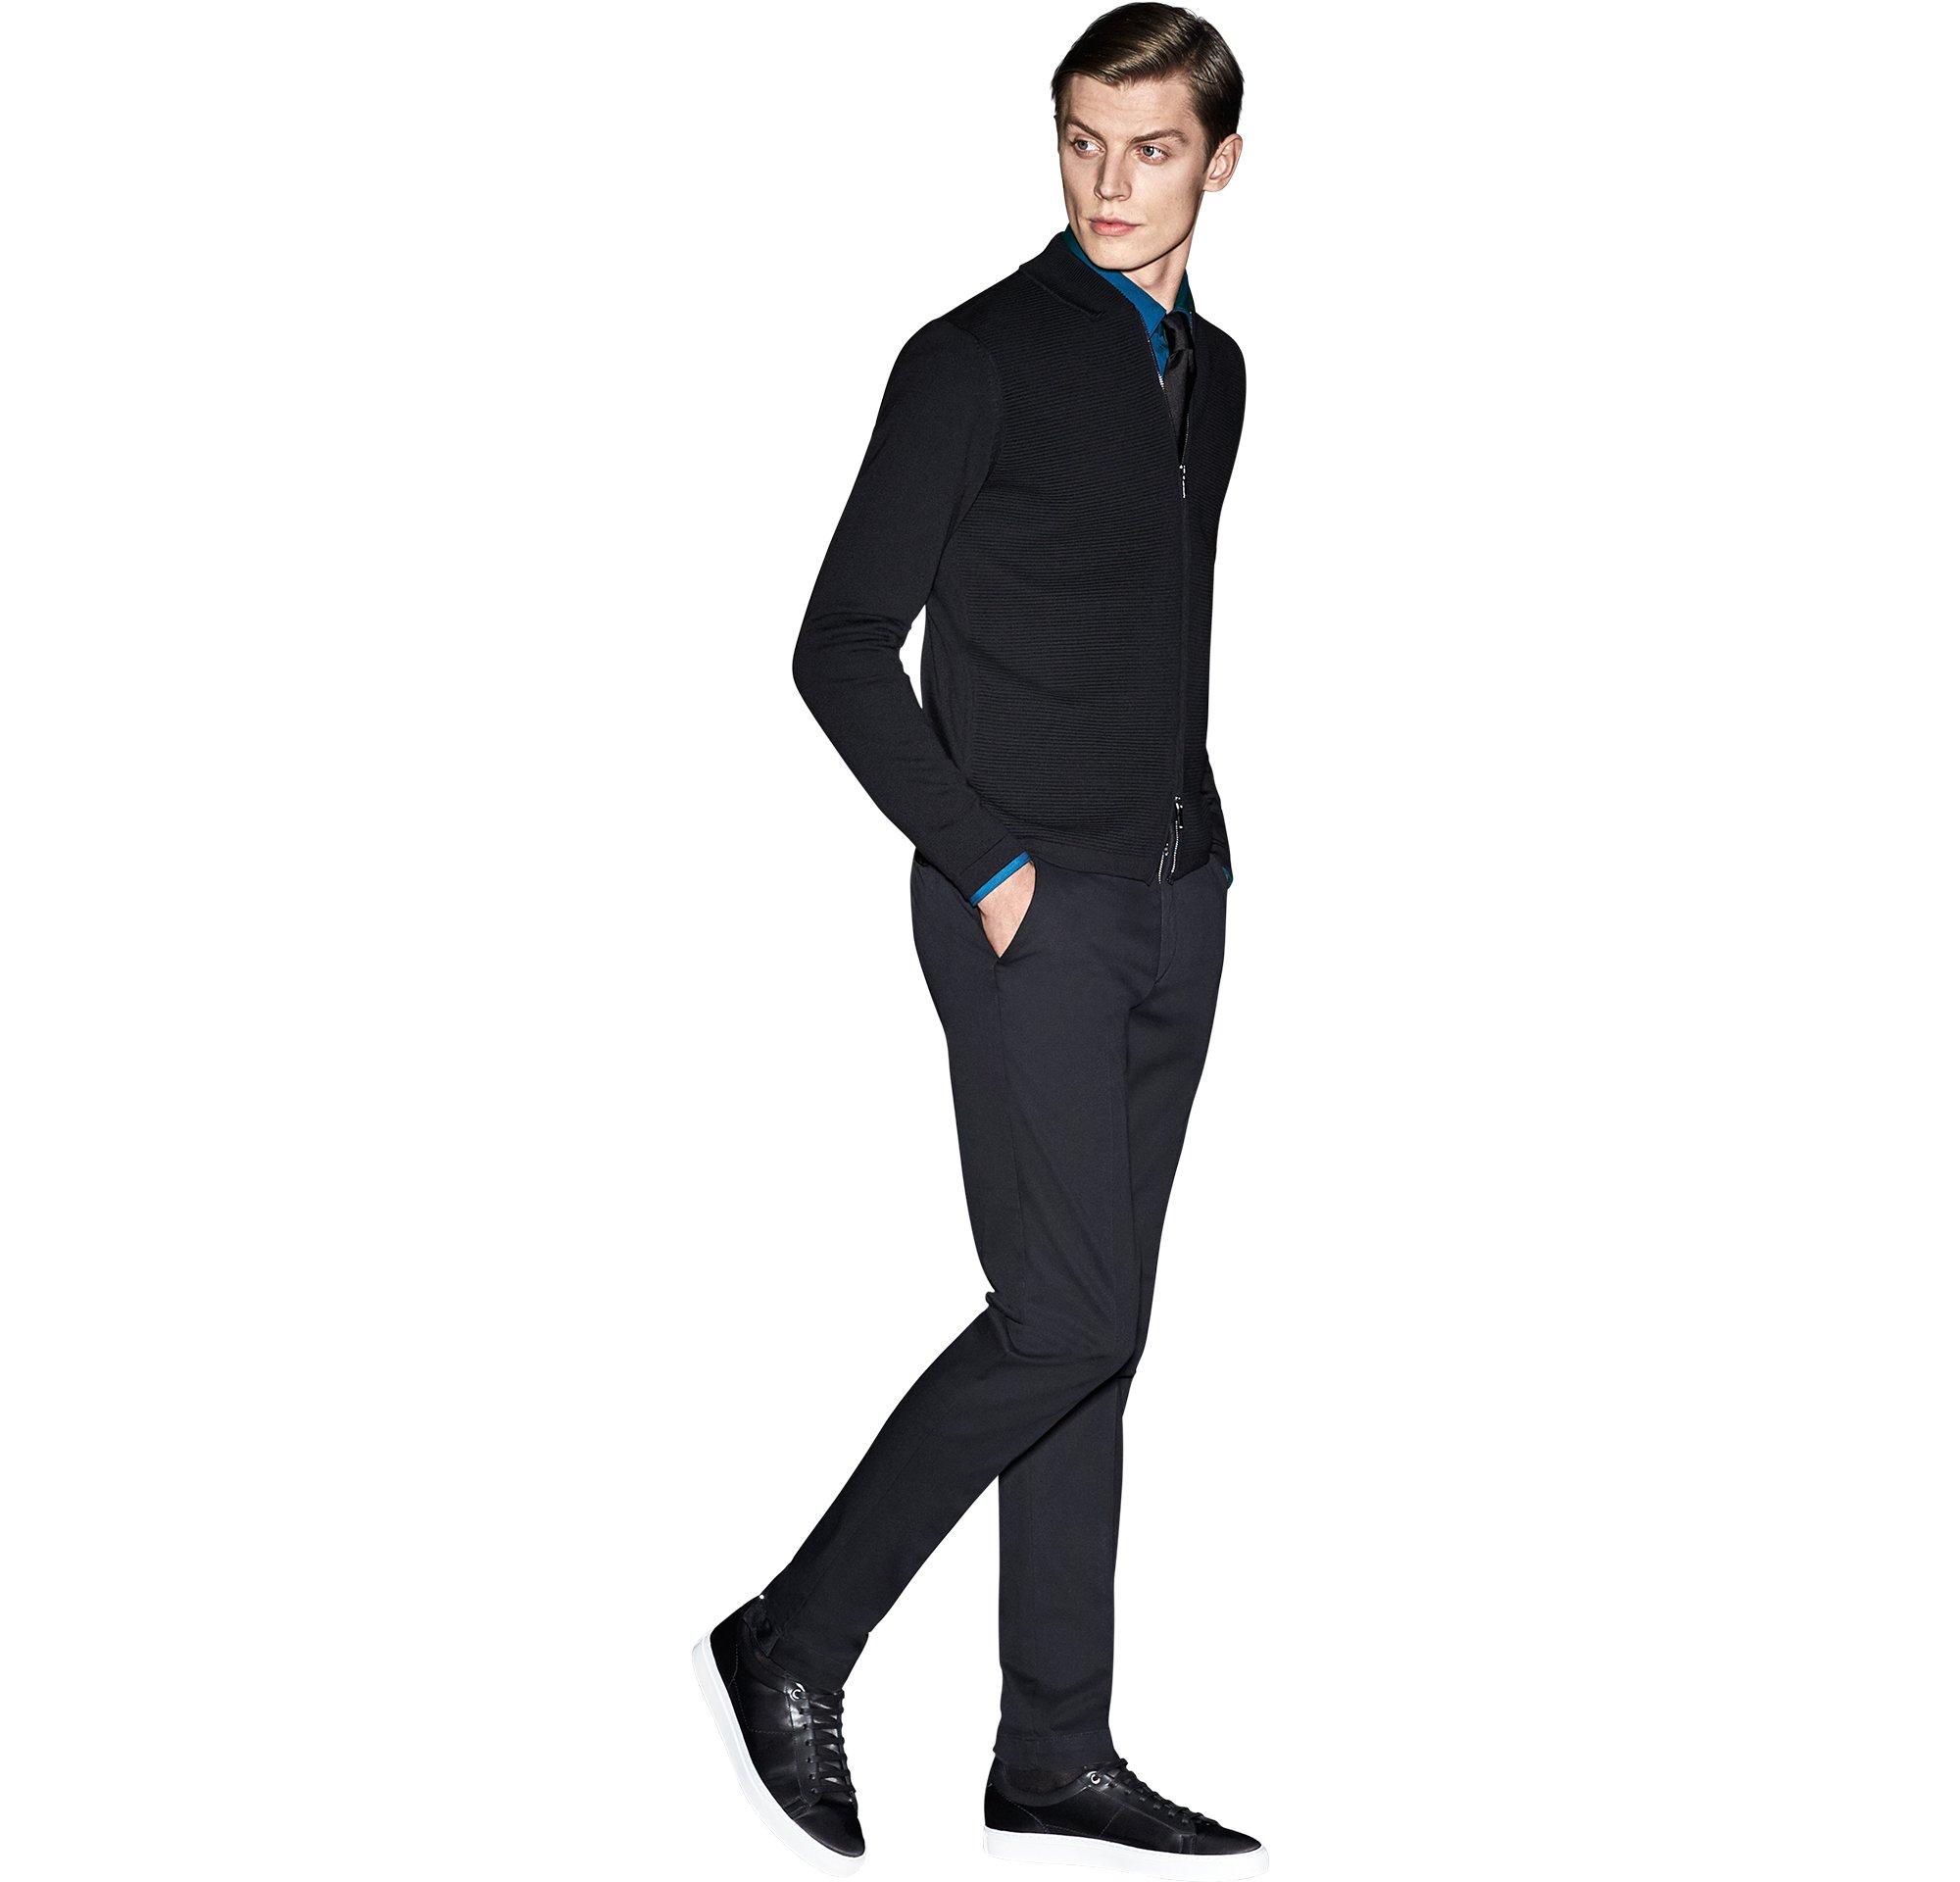 Schwarzes Strickoberteil über blauem Hemd, schwarze Hose und schwarze Schuhe von BOSS